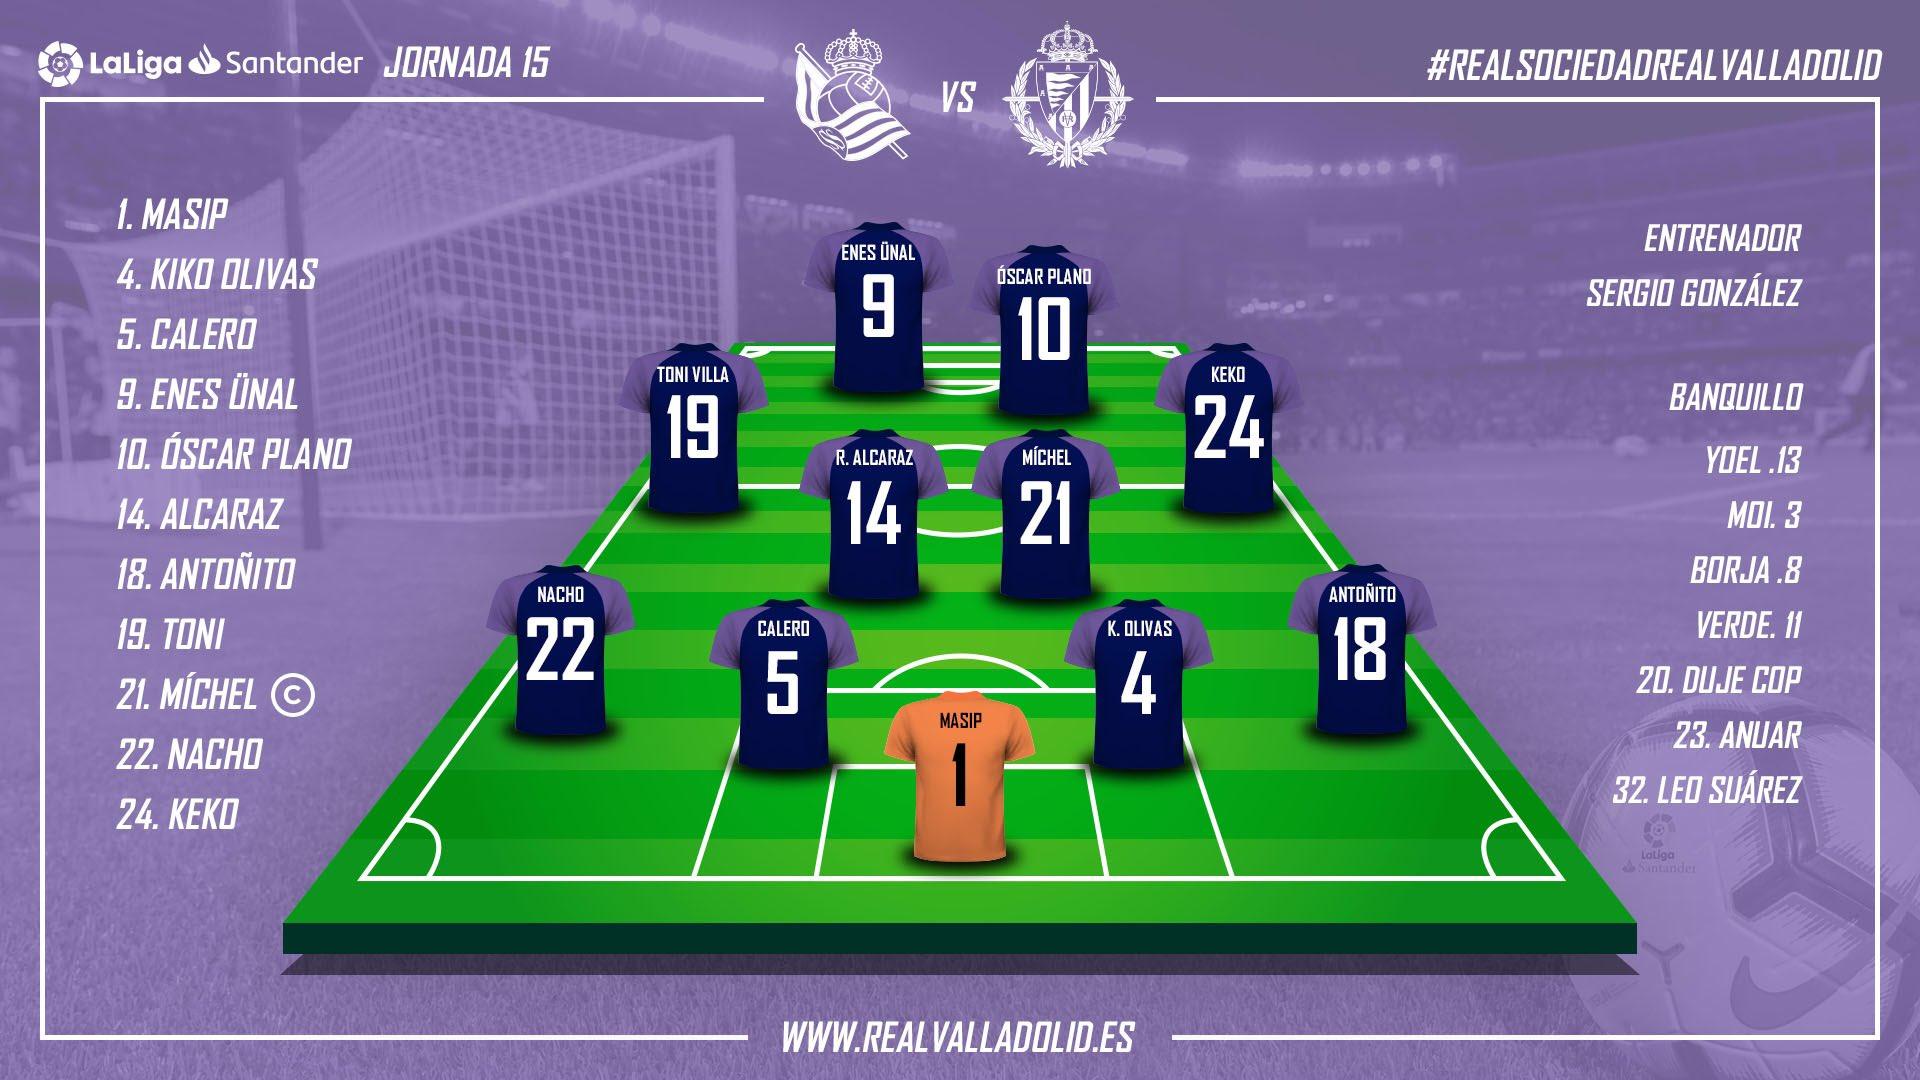 Real Sociedad - Real Valladolid. Domingo 9 de Diciembre. 18:30 IMG-20181209-172628